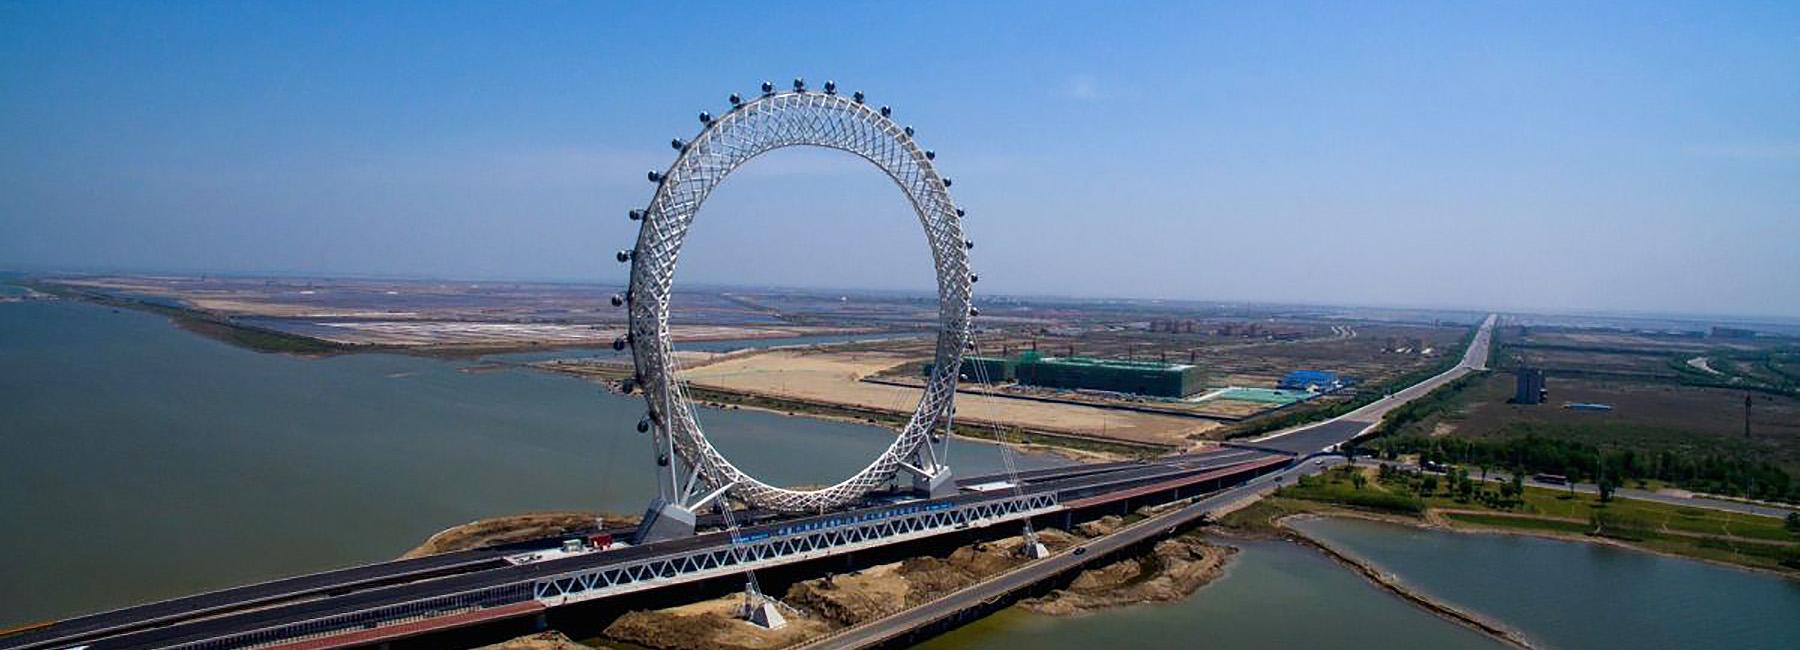 bailang-river-bridge-ferris-wheel-designboom-05-18-2017-818-fullheader.jpg